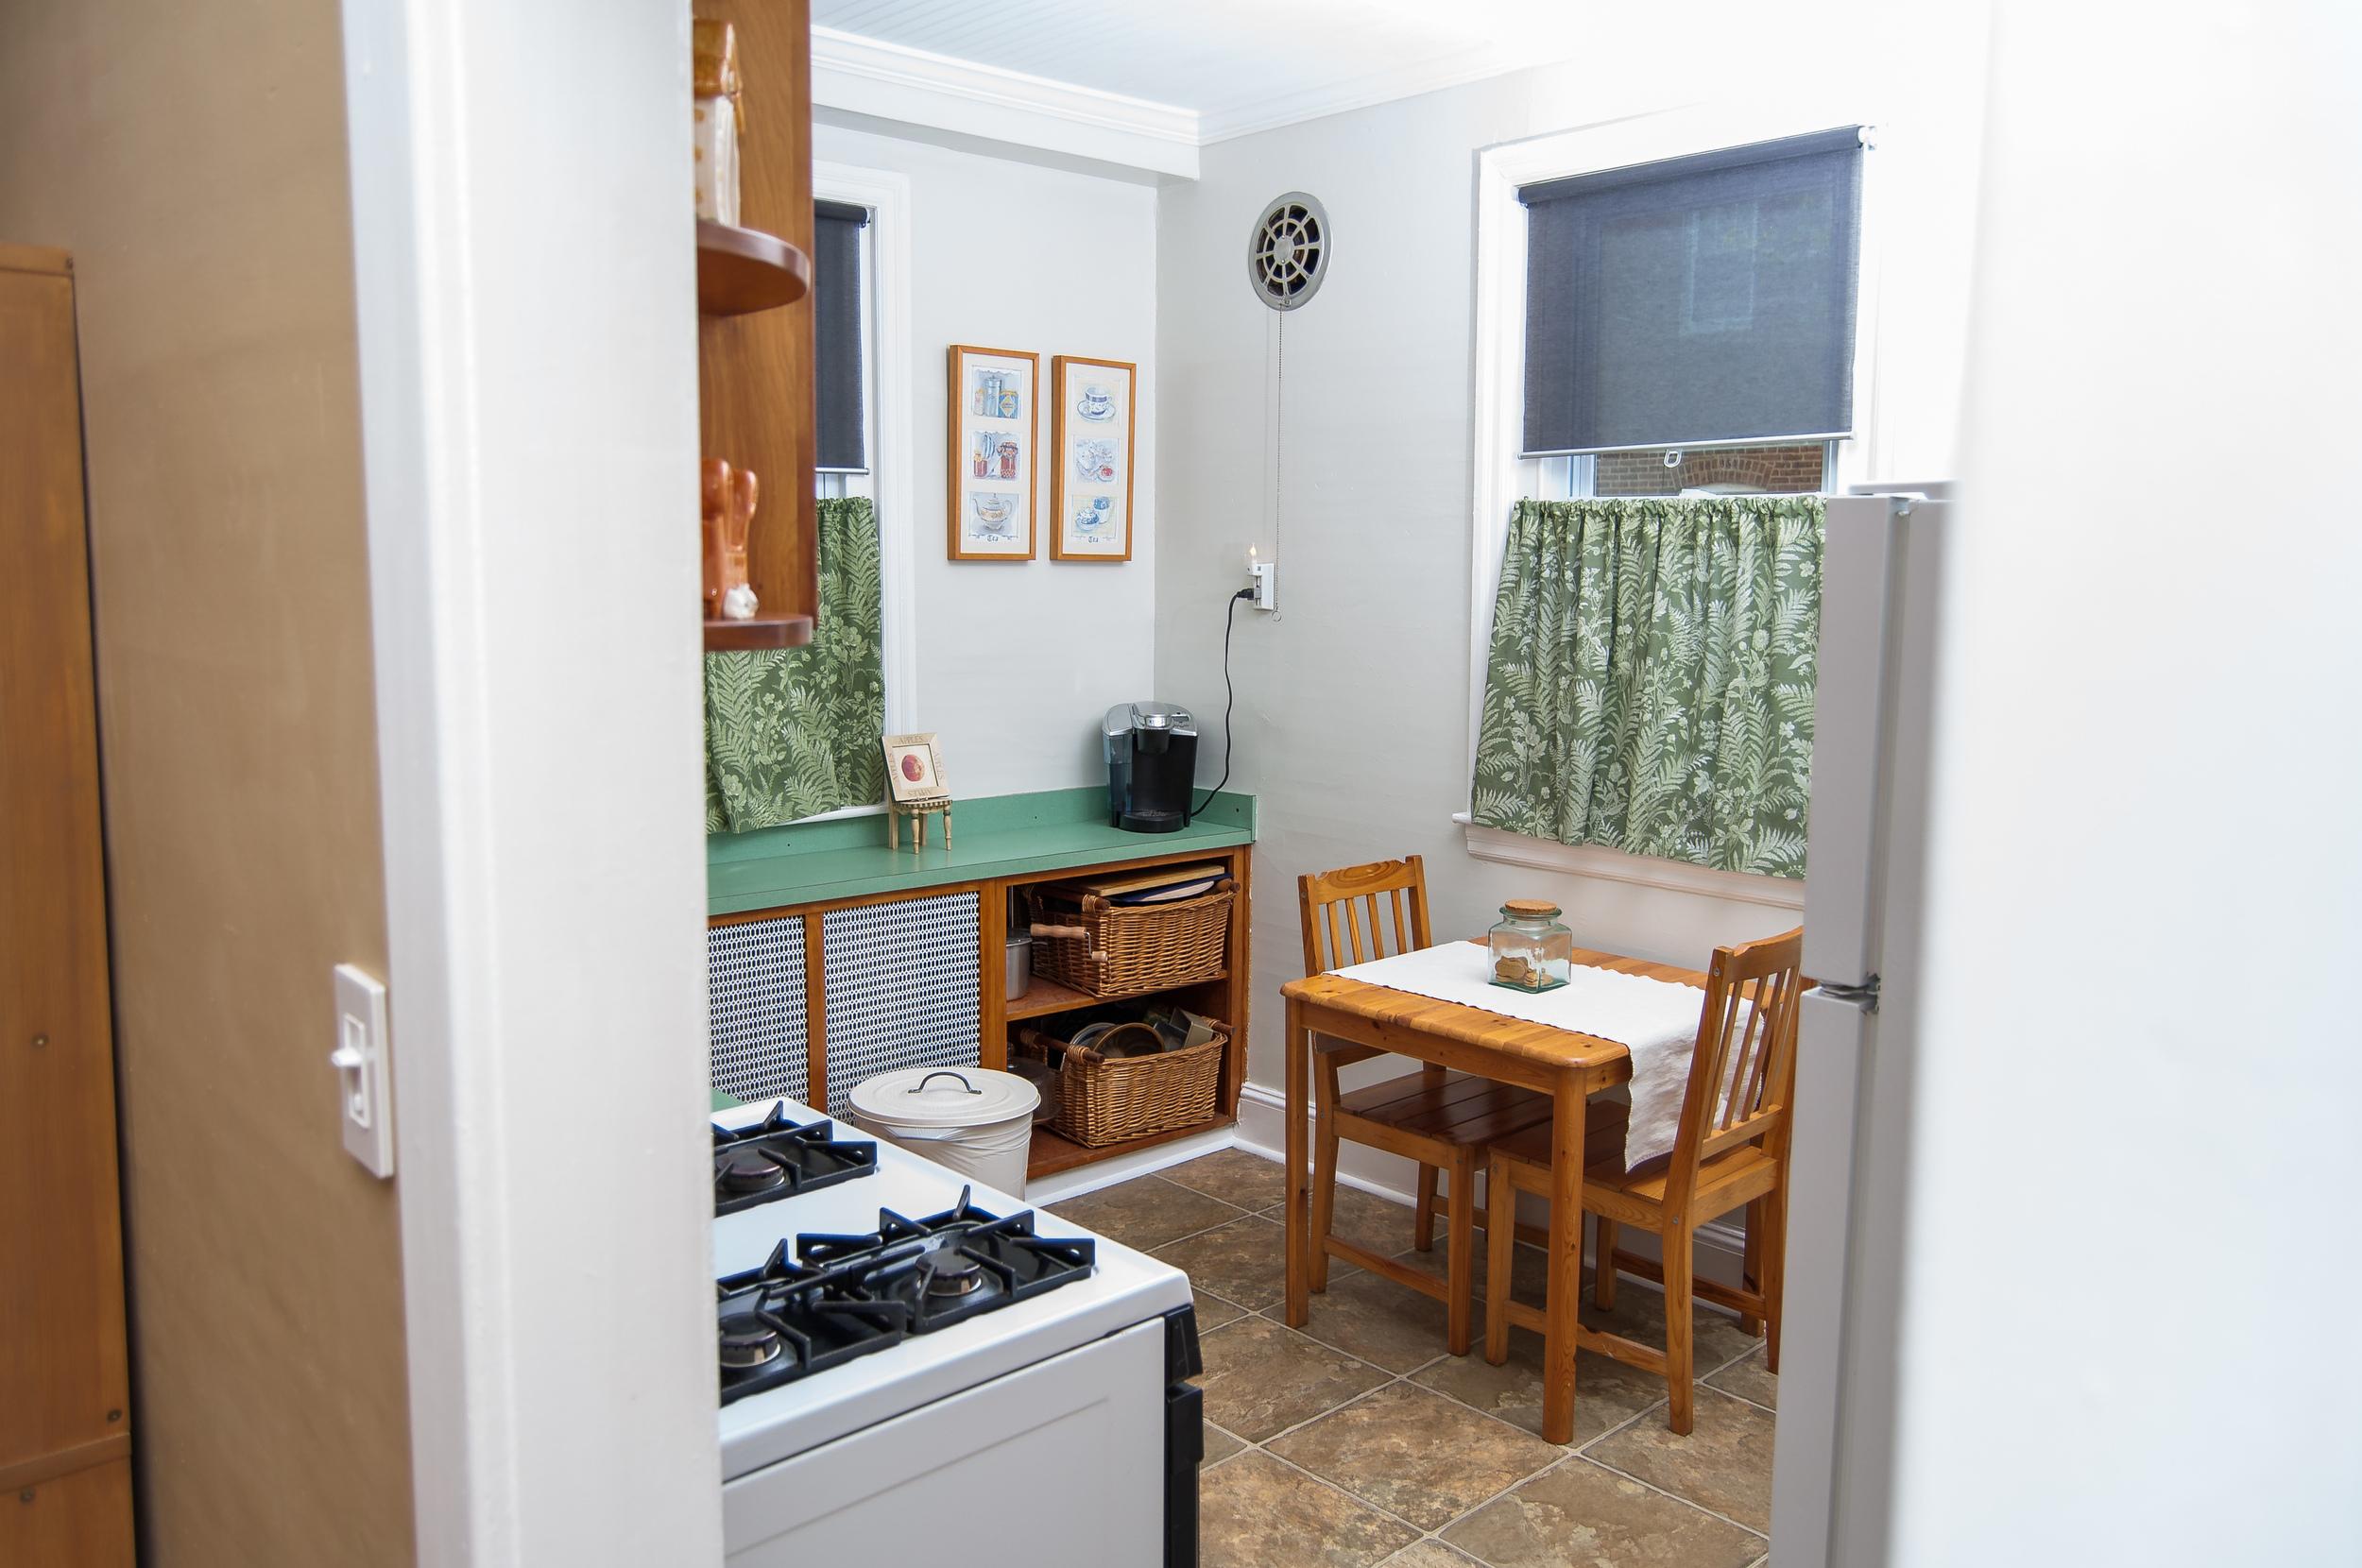 140628 - Saul Street House-5.jpg